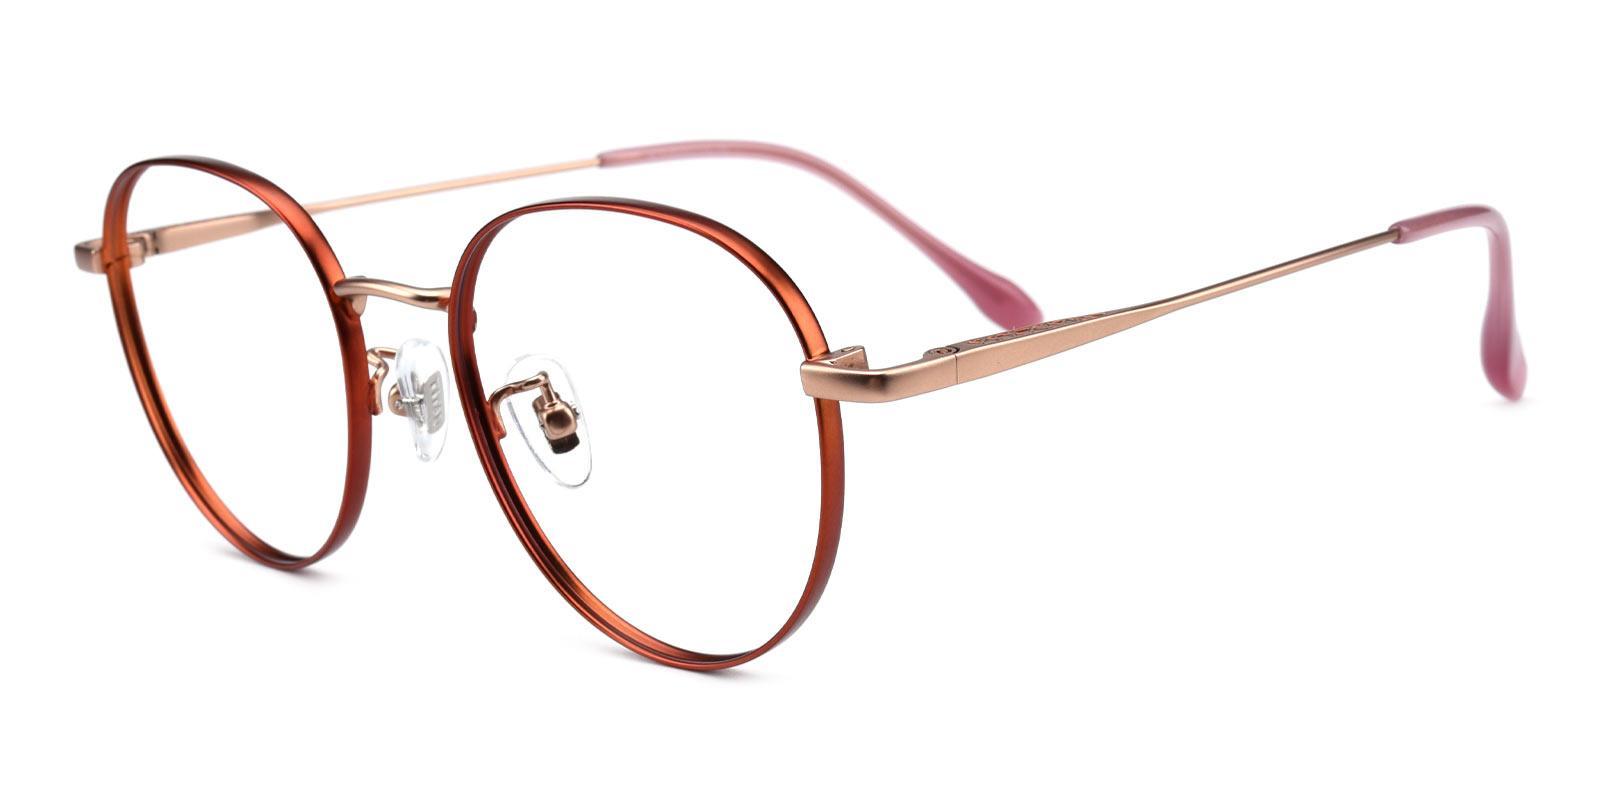 North-Orange-Round-Titanium-Eyeglasses-additional1